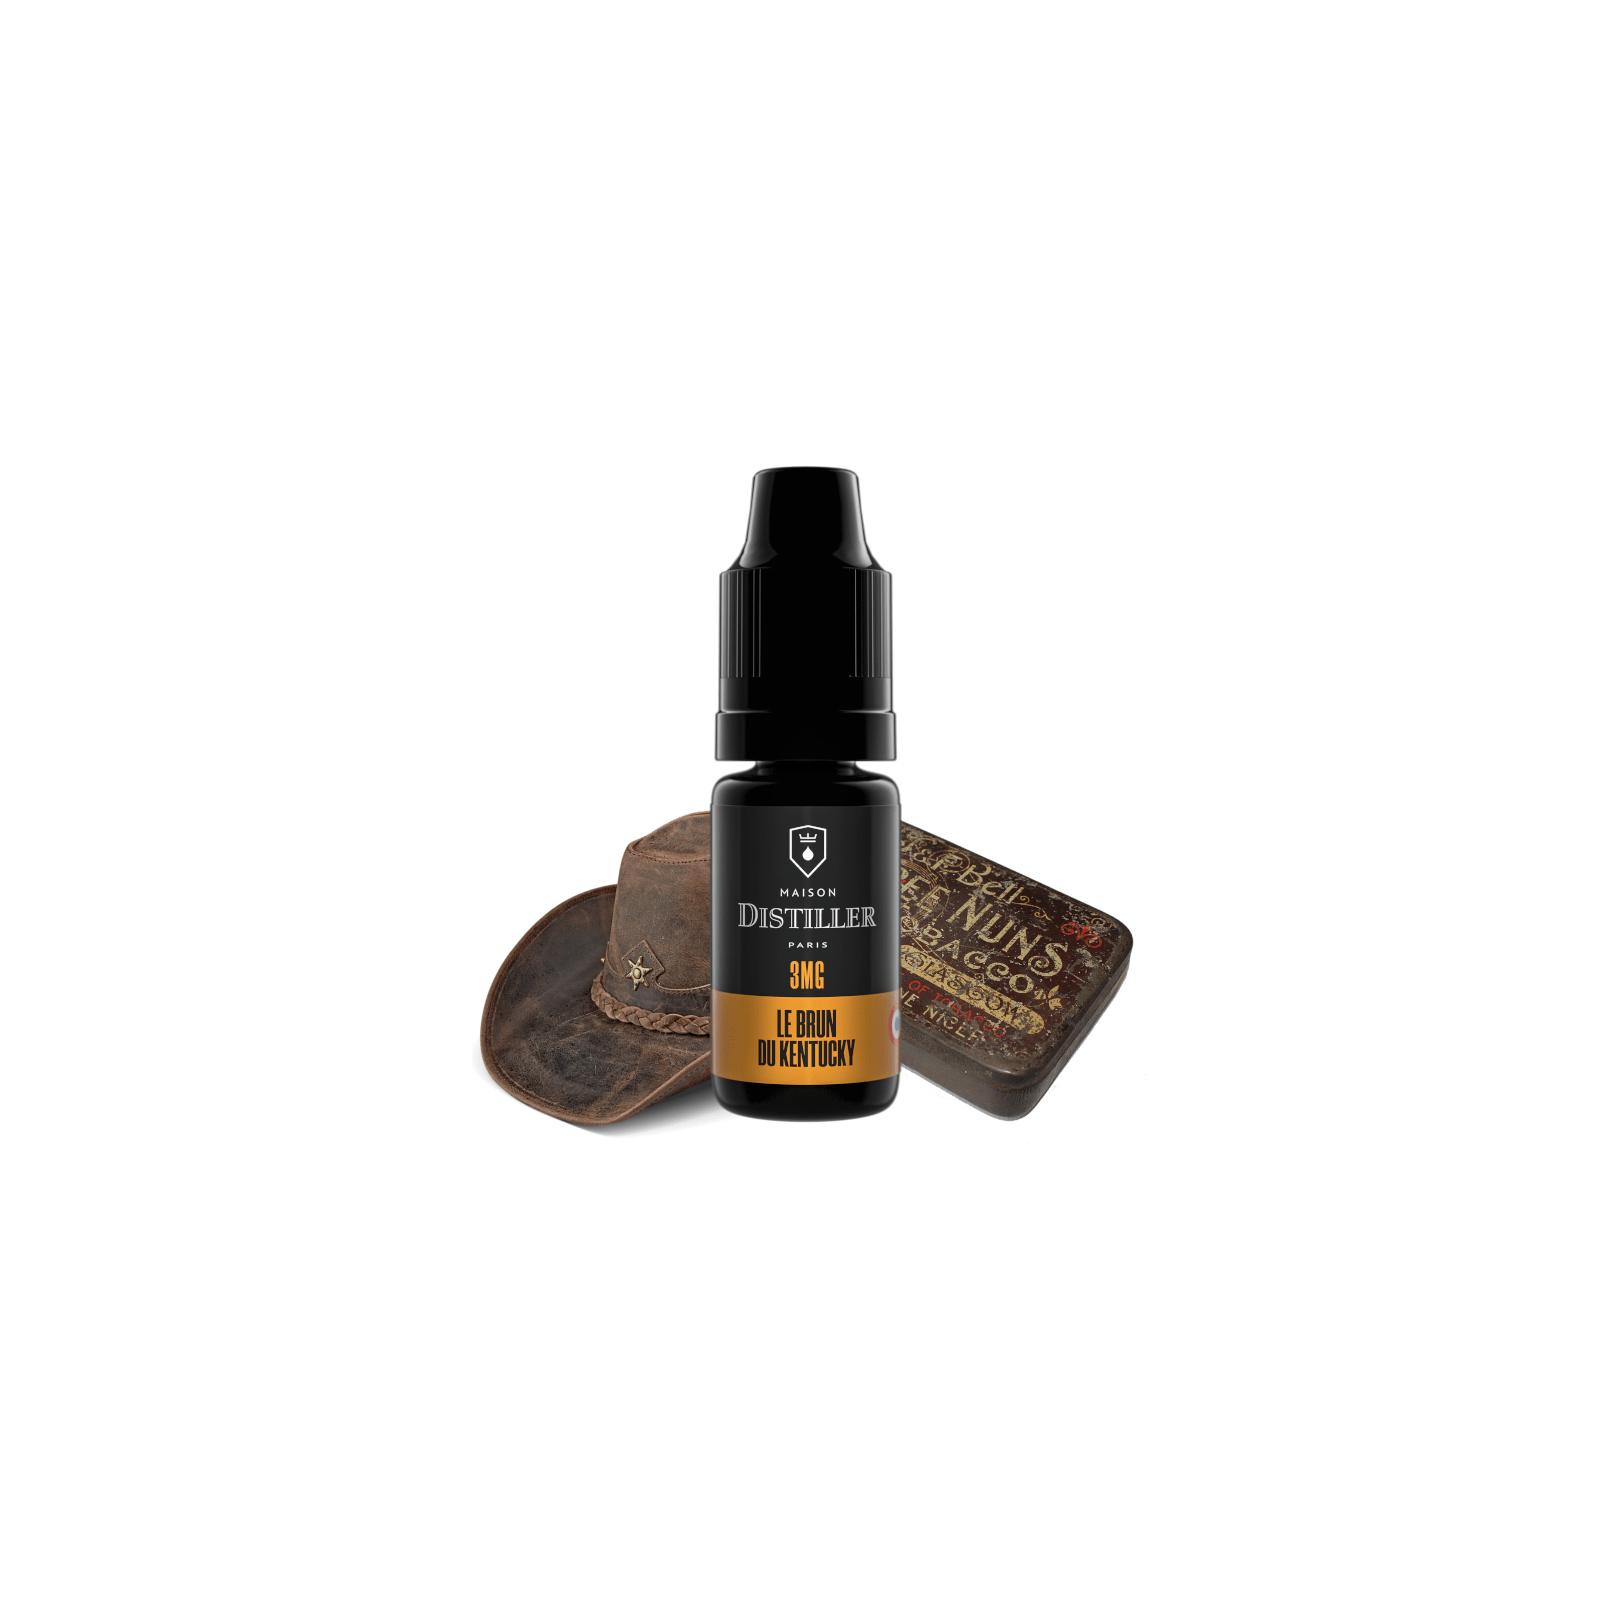 Le Brun du Kentucky 10ml - Le Distiller